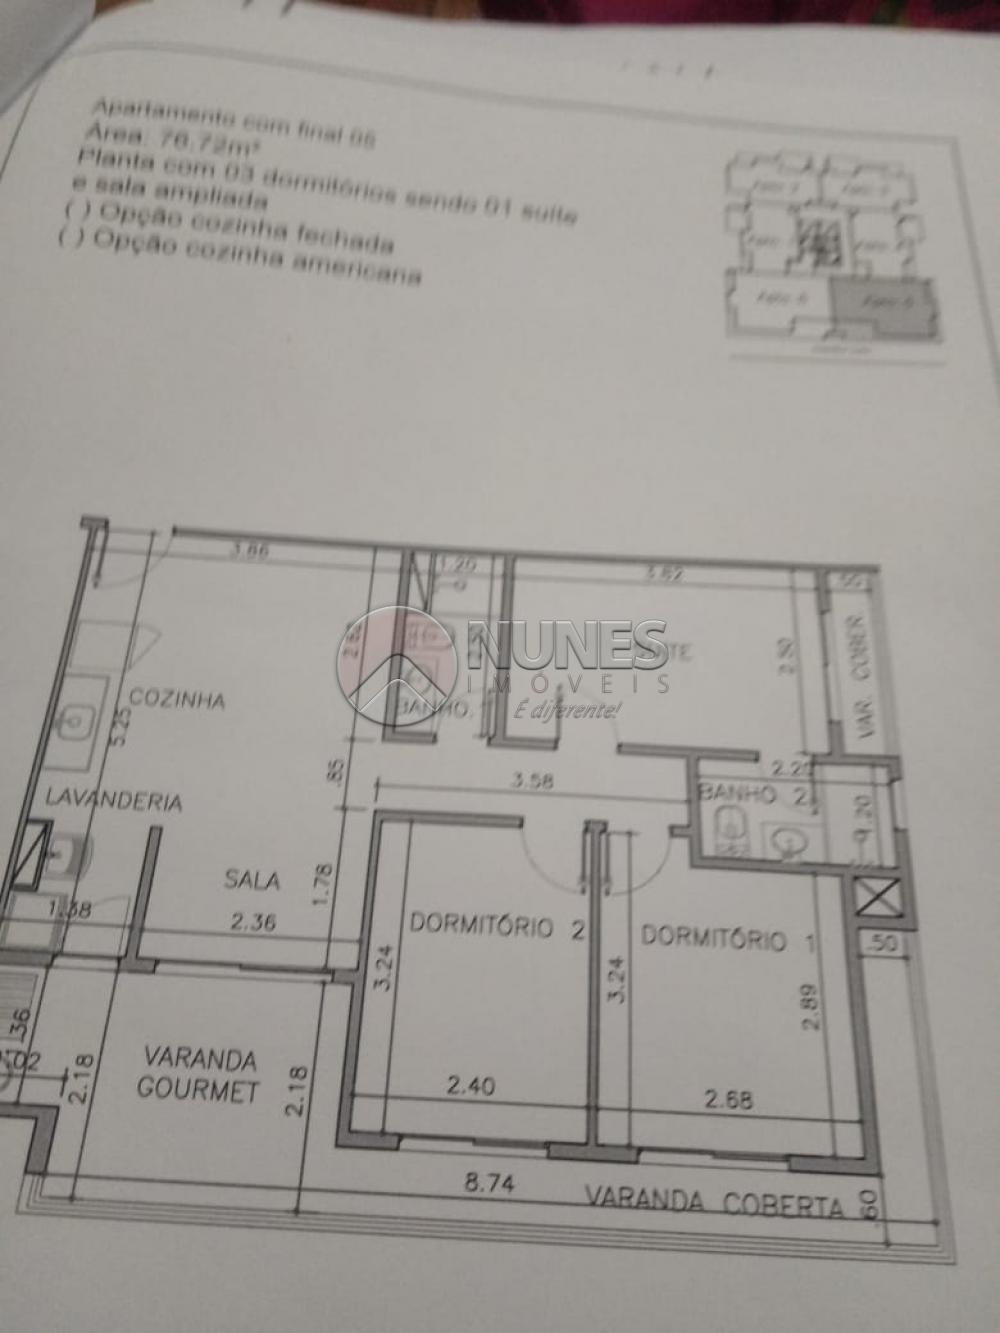 Comprar Apartamento / Padrão em Osasco apenas R$ 560.000,00 - Foto 2